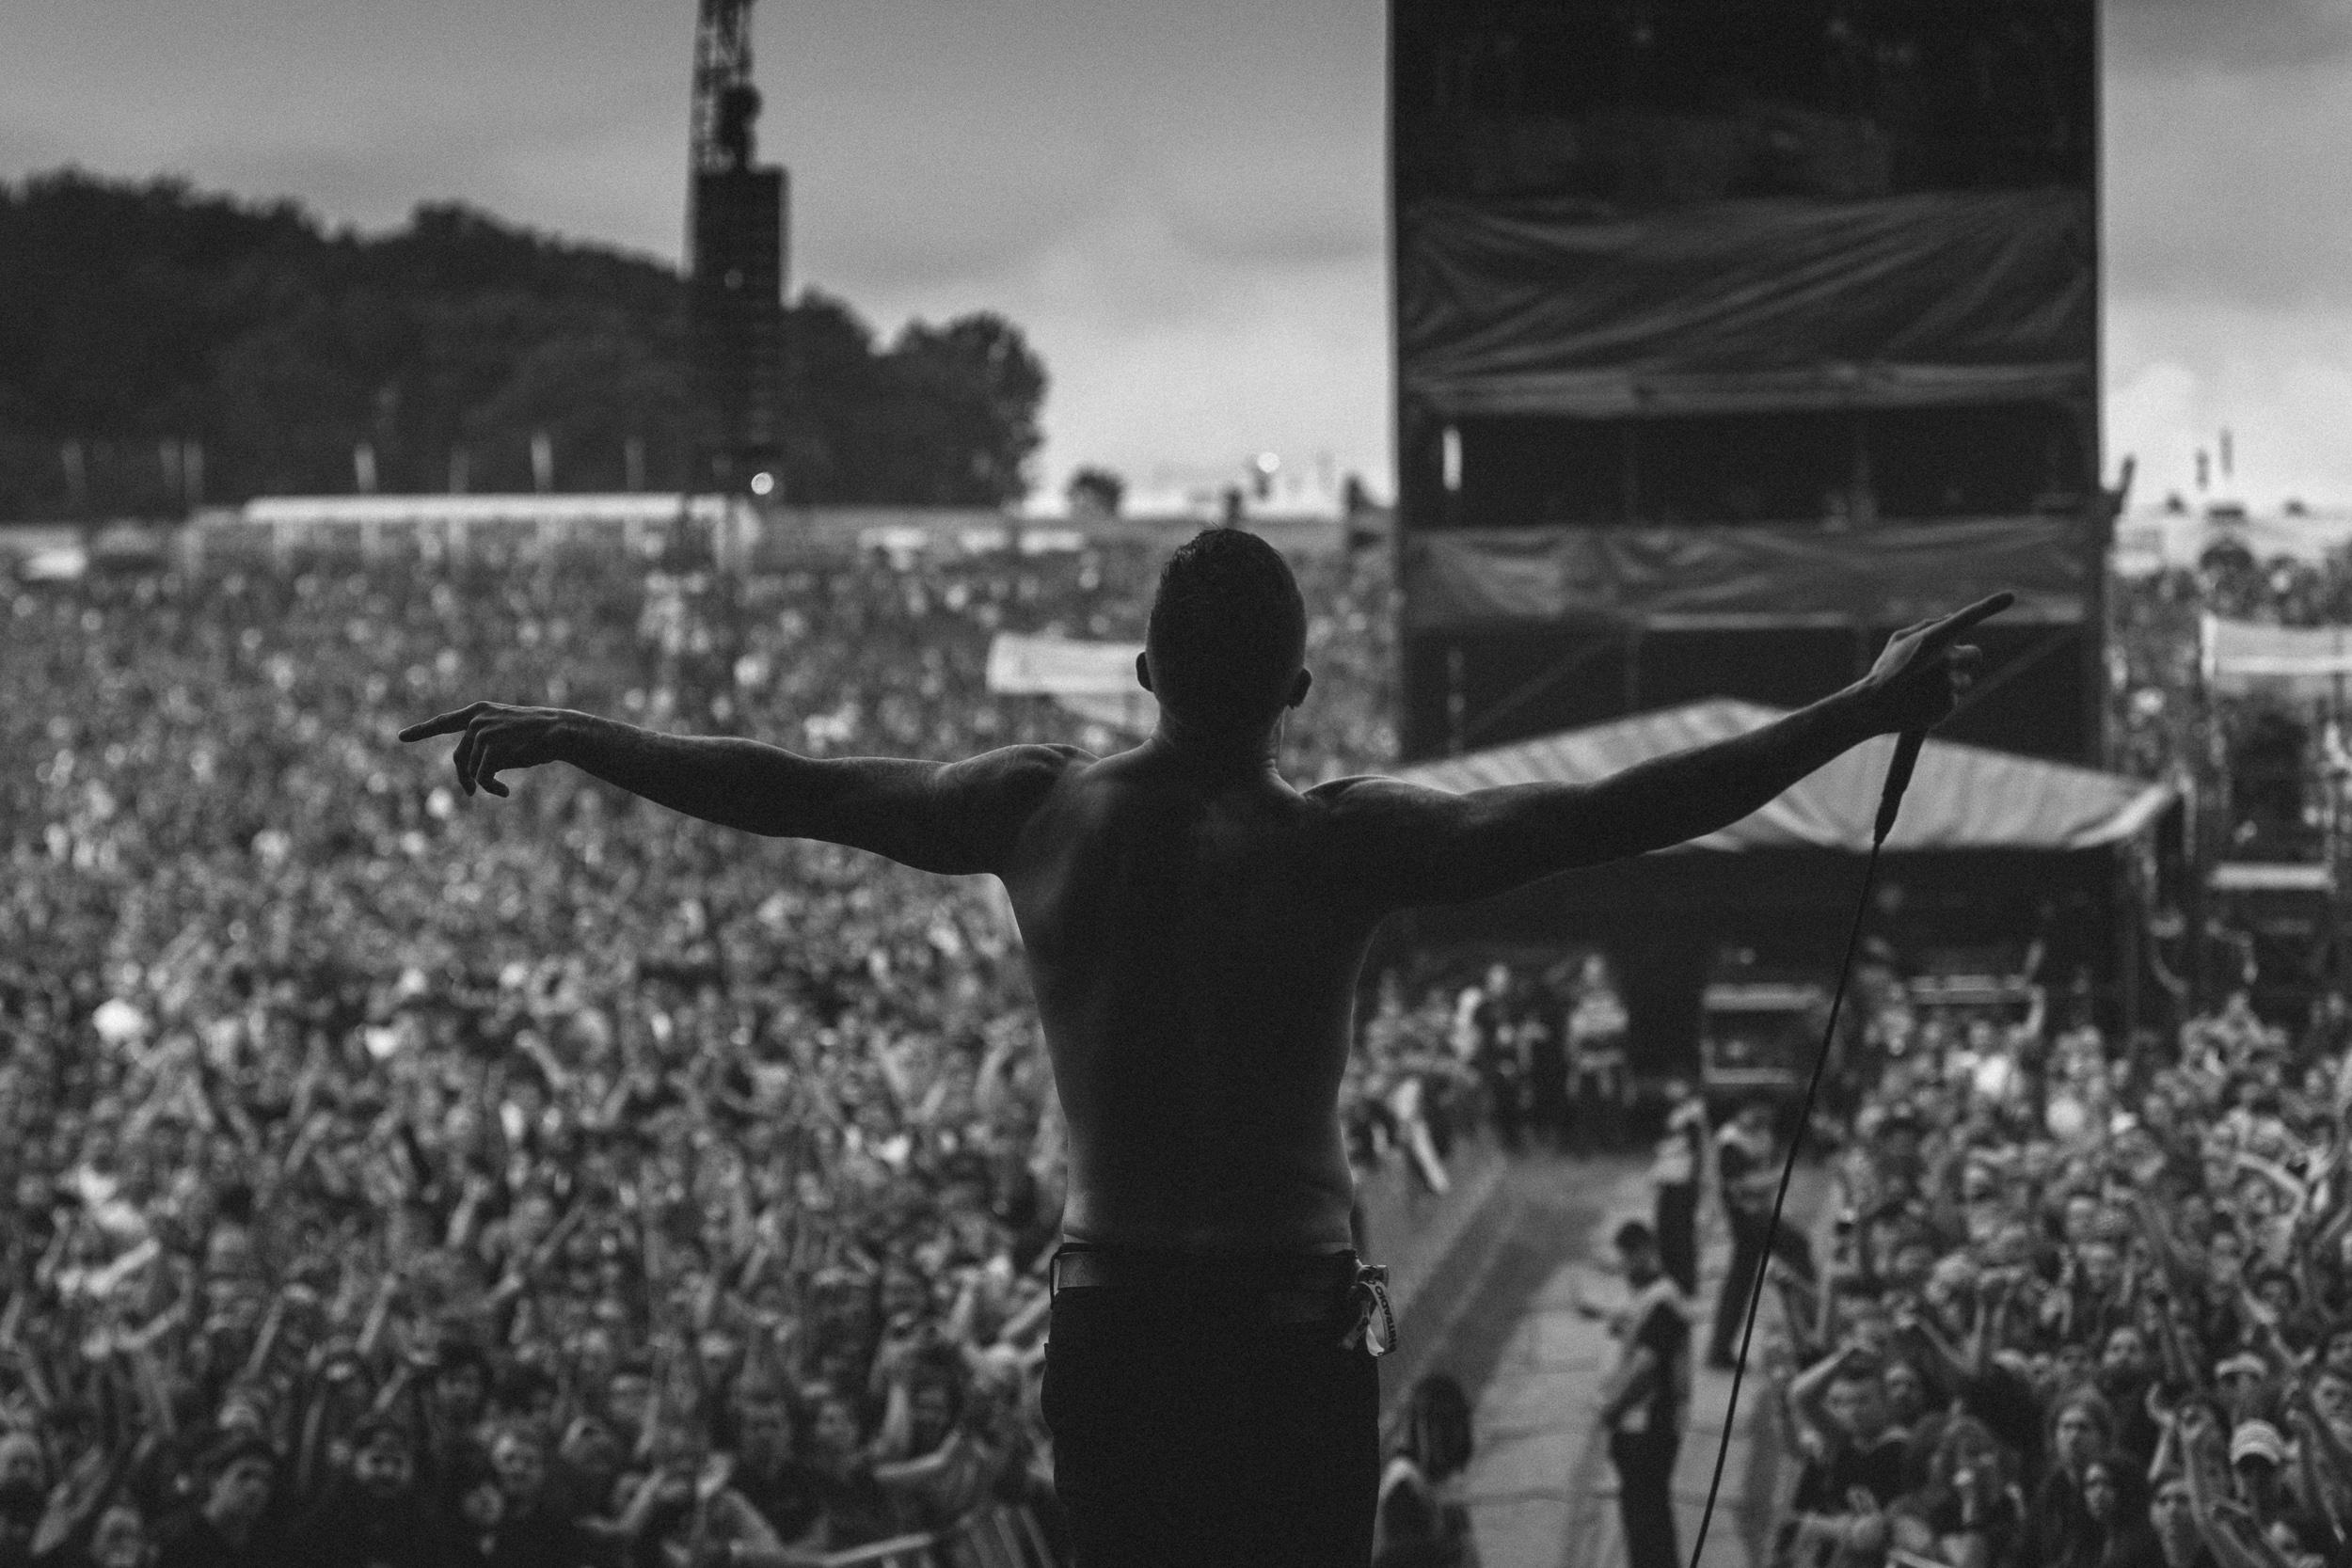 Atreyu at Download Festival